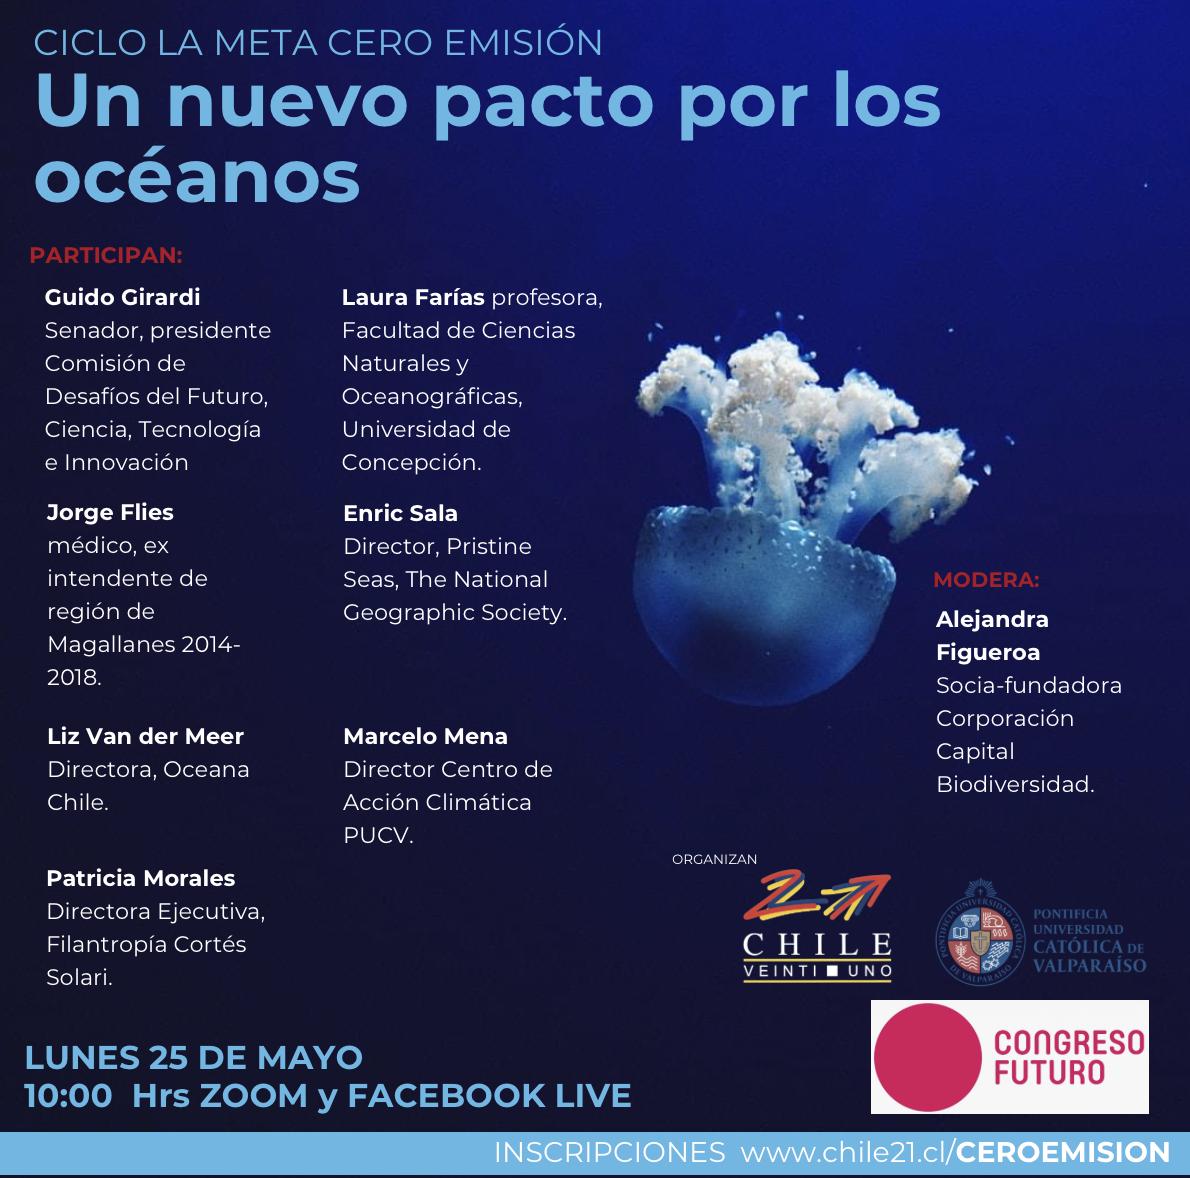 CICLO: LA REVOLUCIÓN CERO EMISIÓN DE CHILE